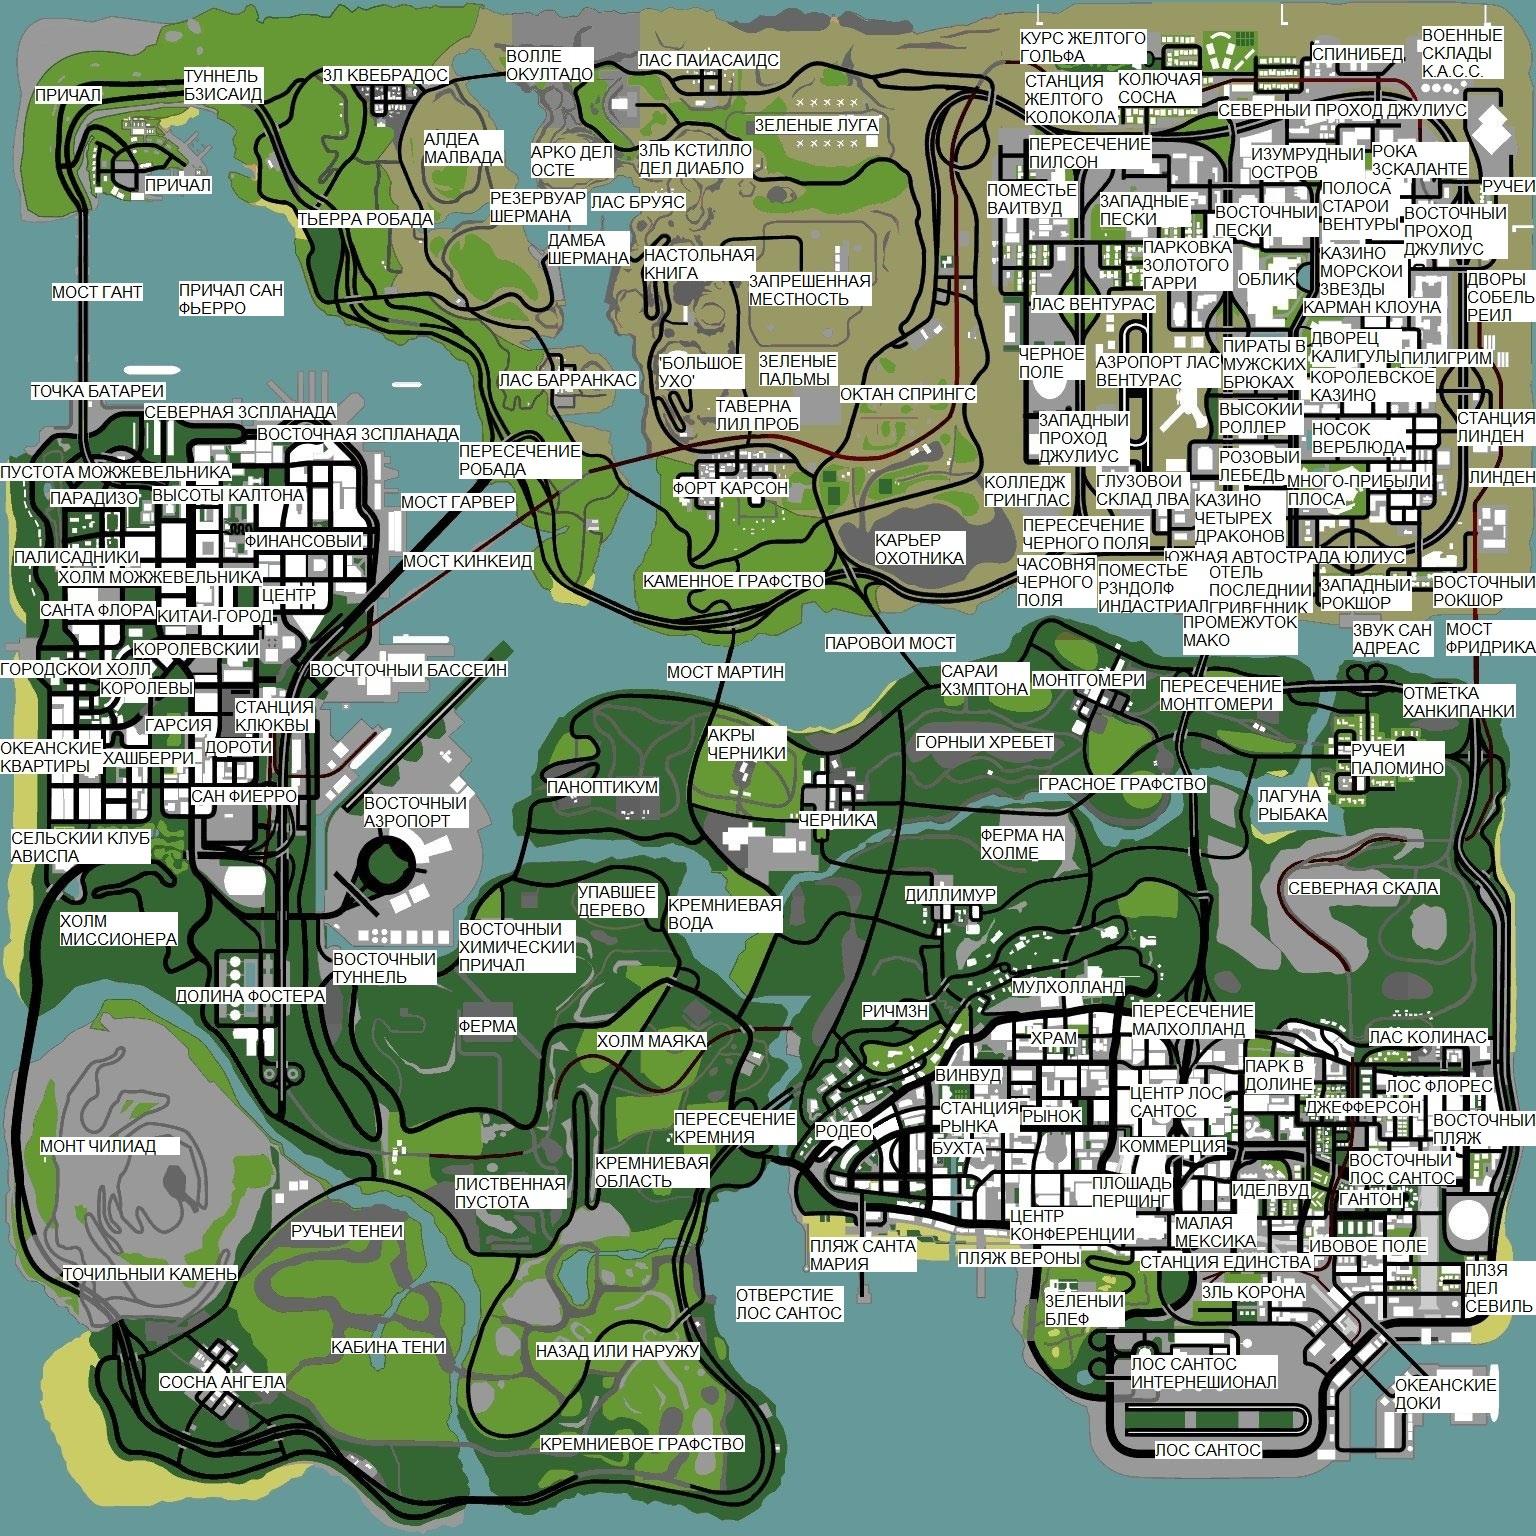 Как сделать карту в сан андреас 413